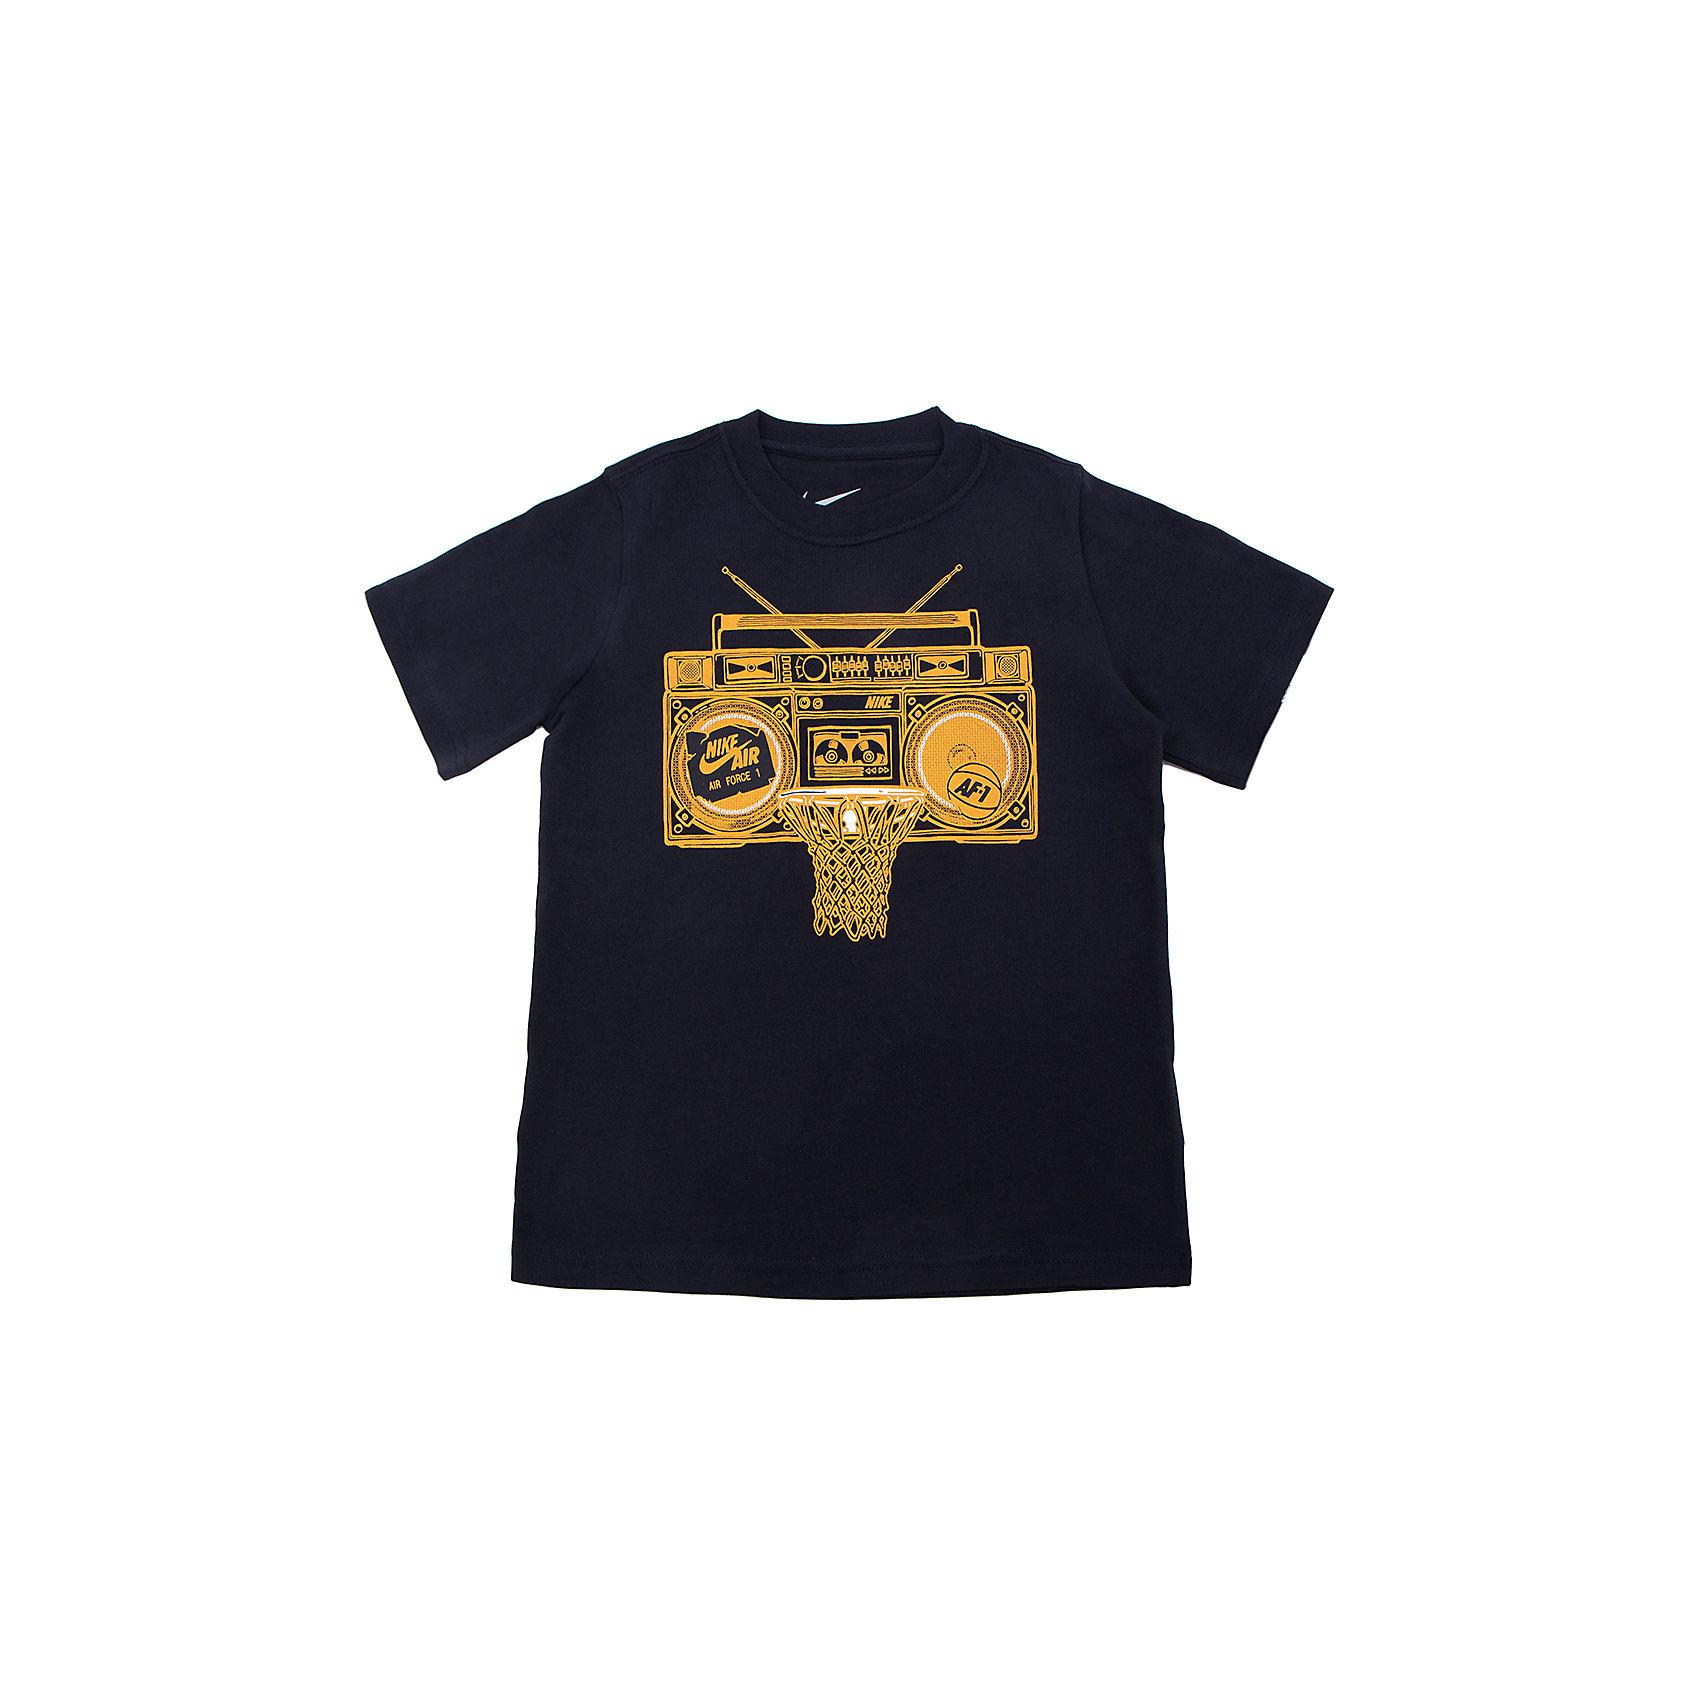 NIKE Футболка для мальчика AF1 BOOM BOX TD TEE YTH NIKE roma nike футболка nike roma tee crest 888804 613